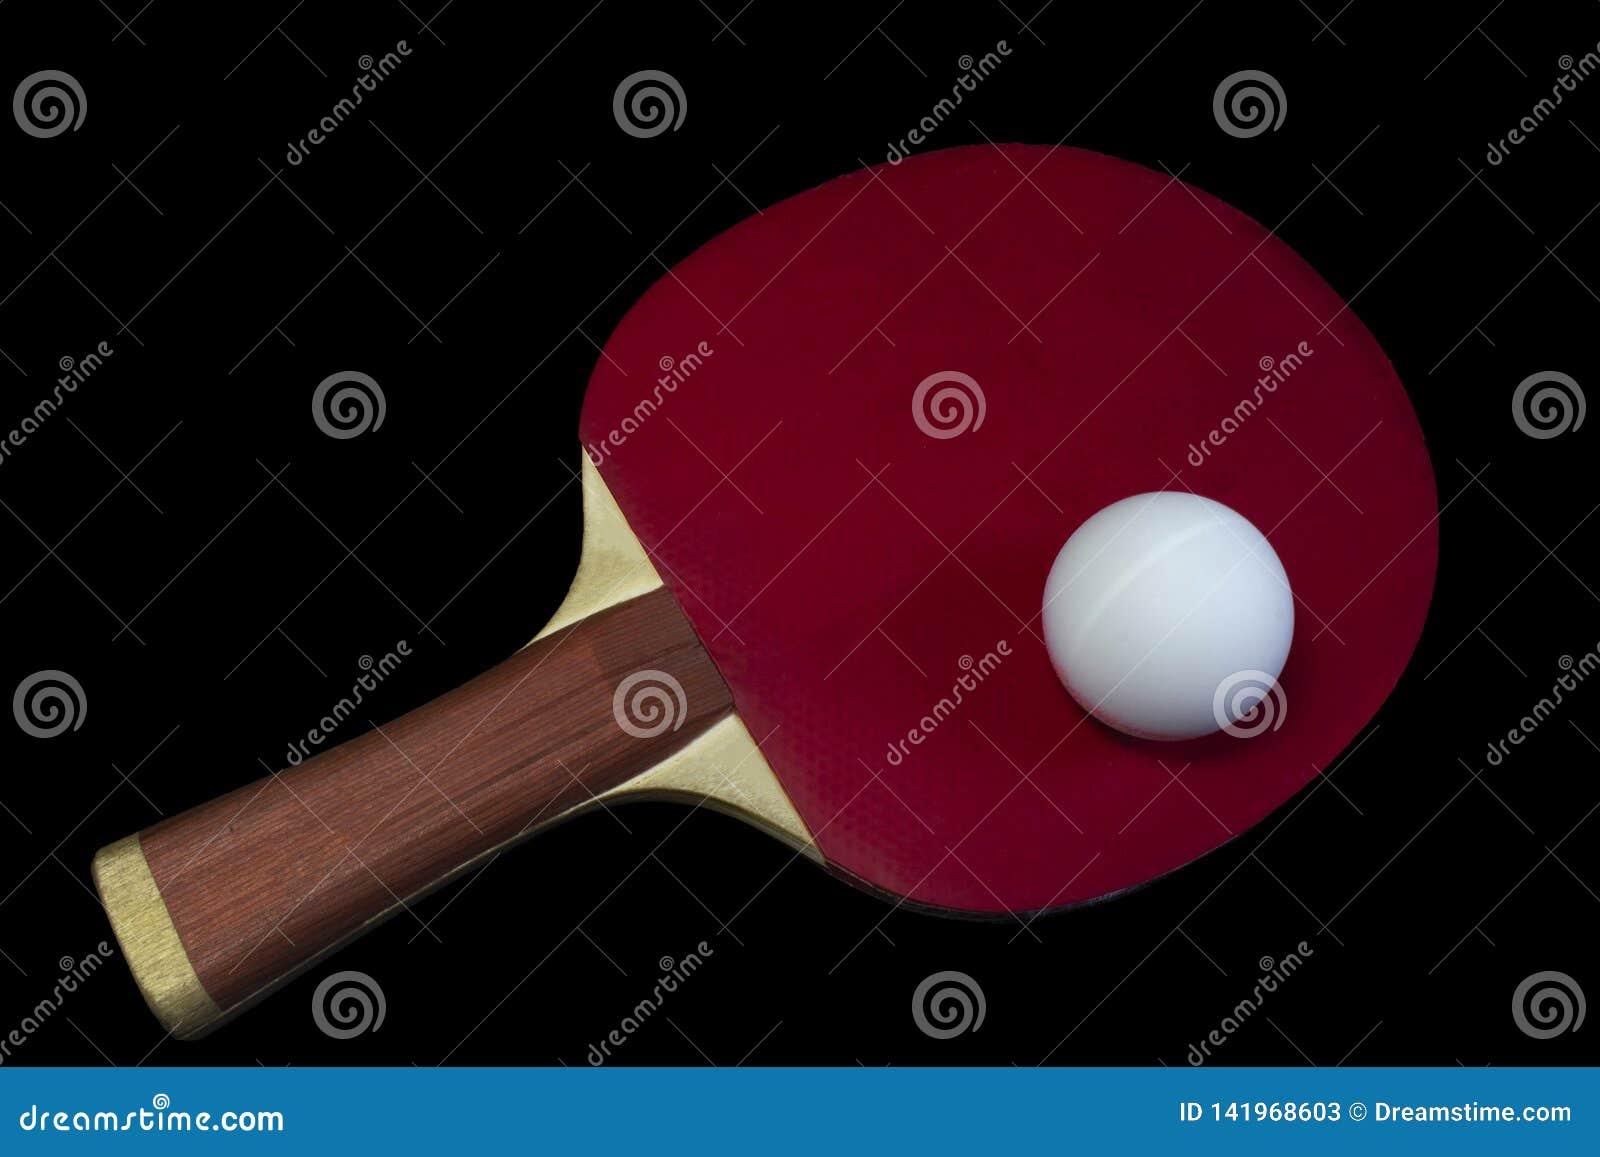 在黑背景和球隔绝的台球球拍